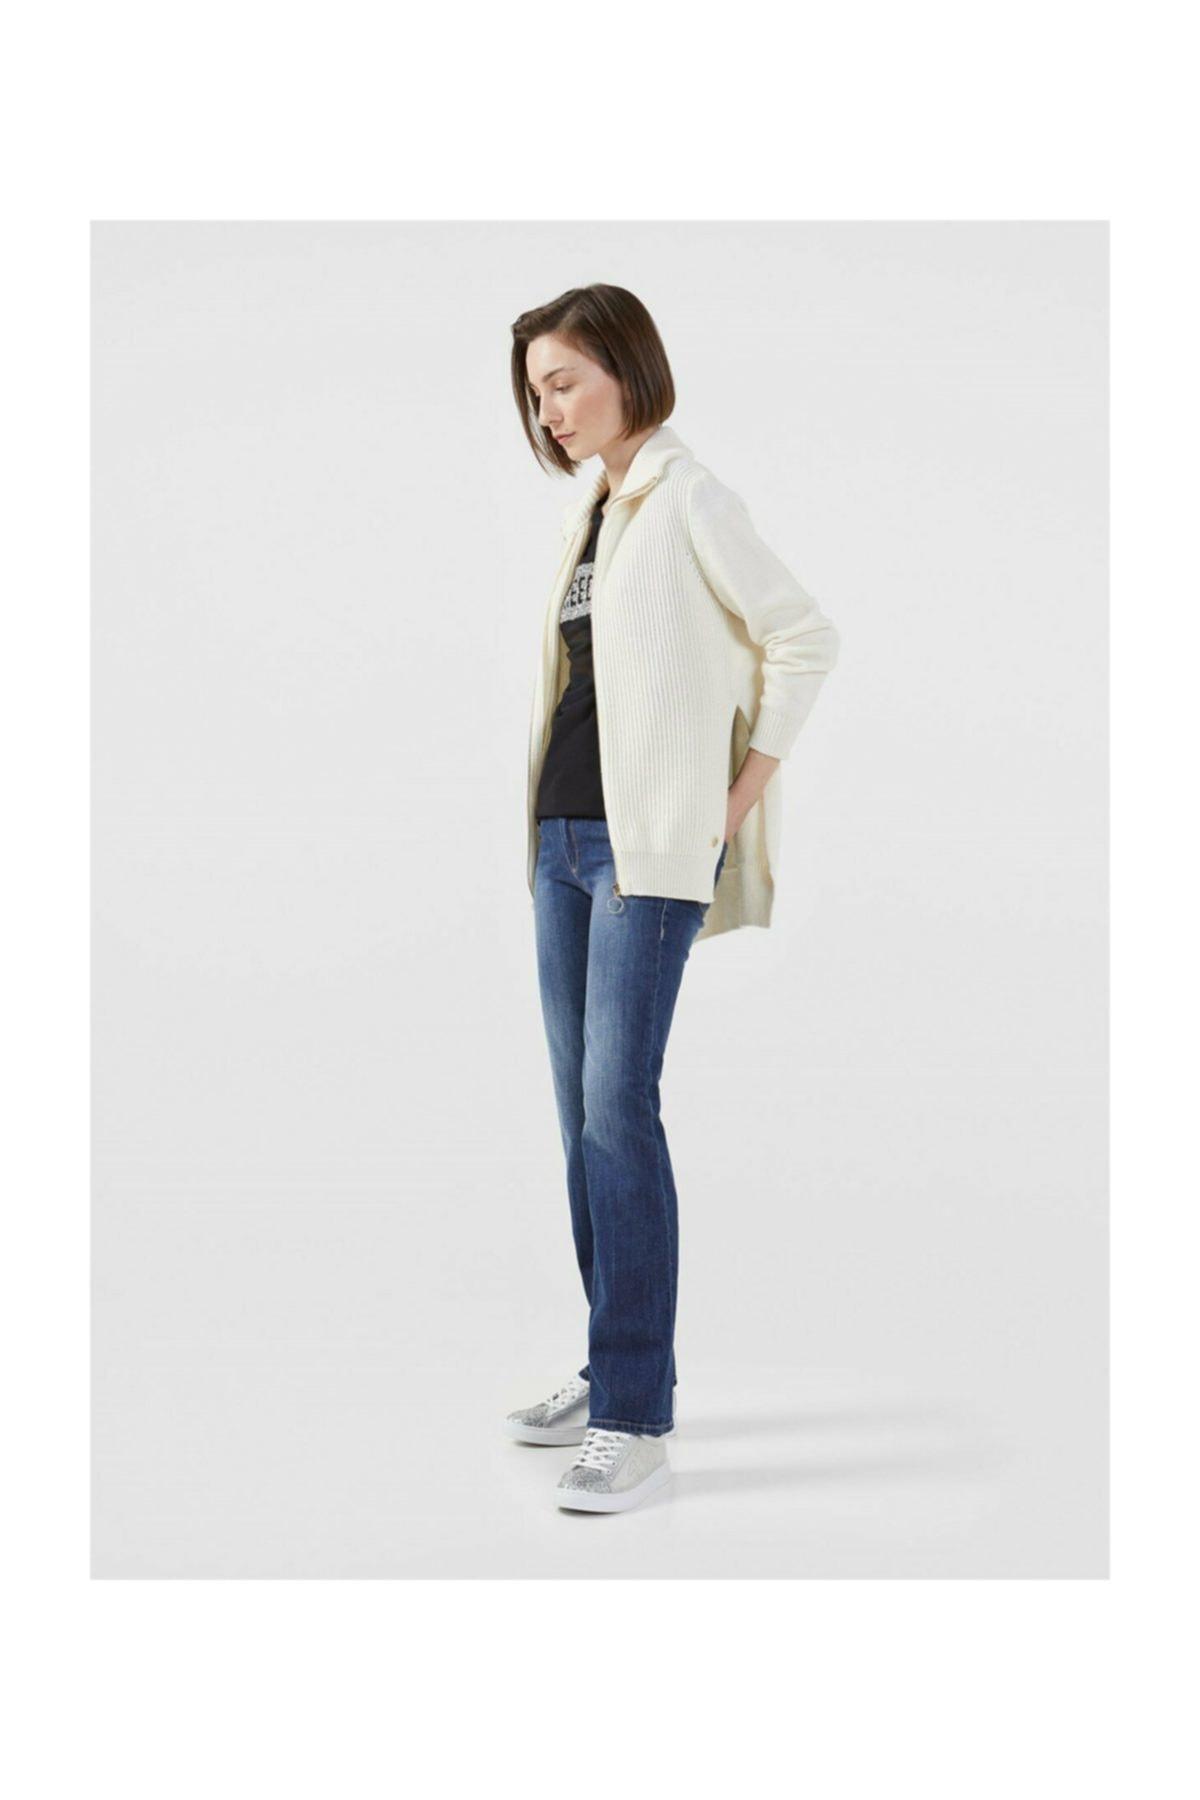 Trussardi Kadın Jeans